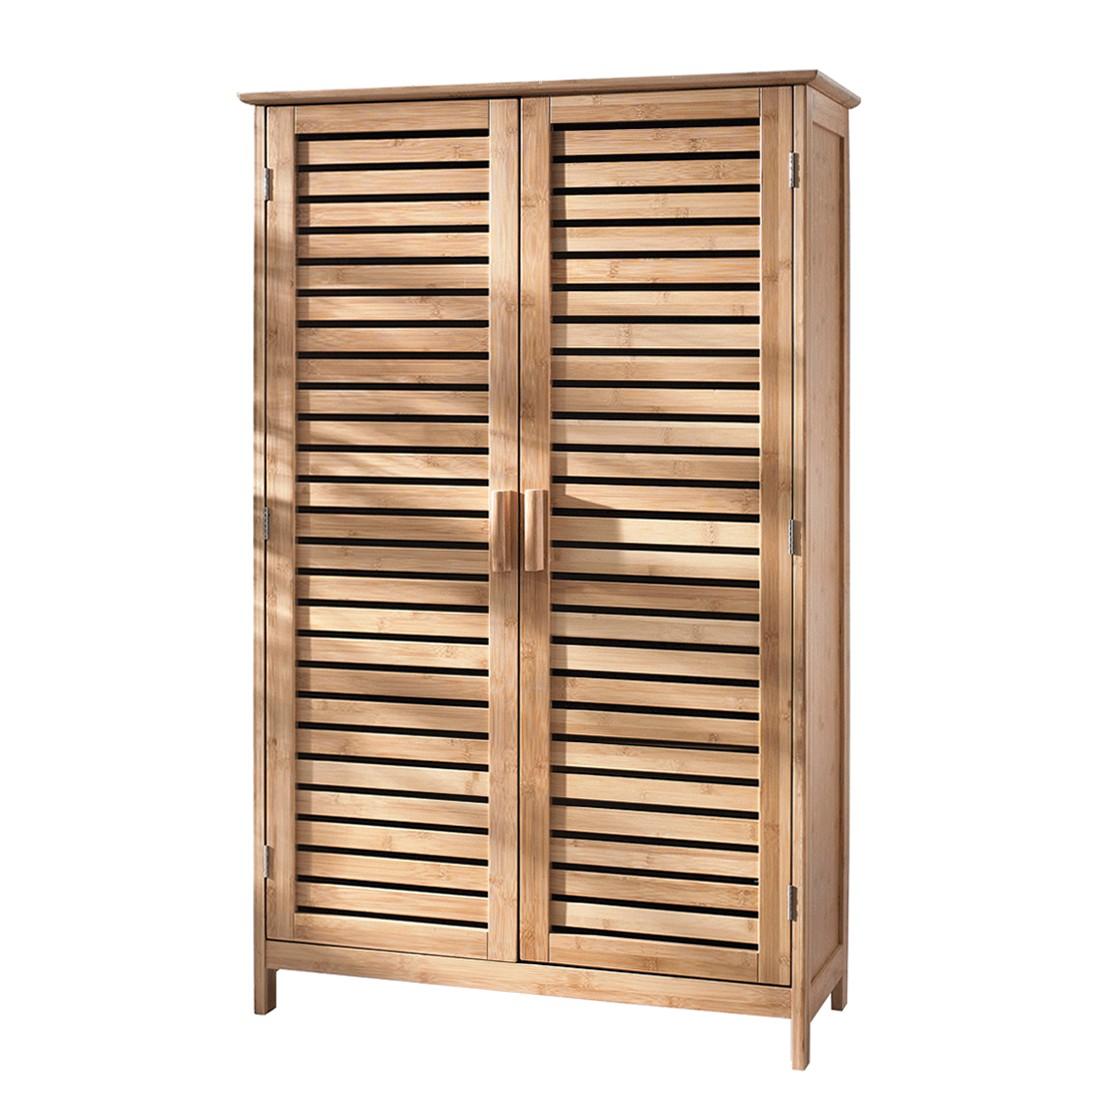 Badschrank Bamboo - Bambus - braun